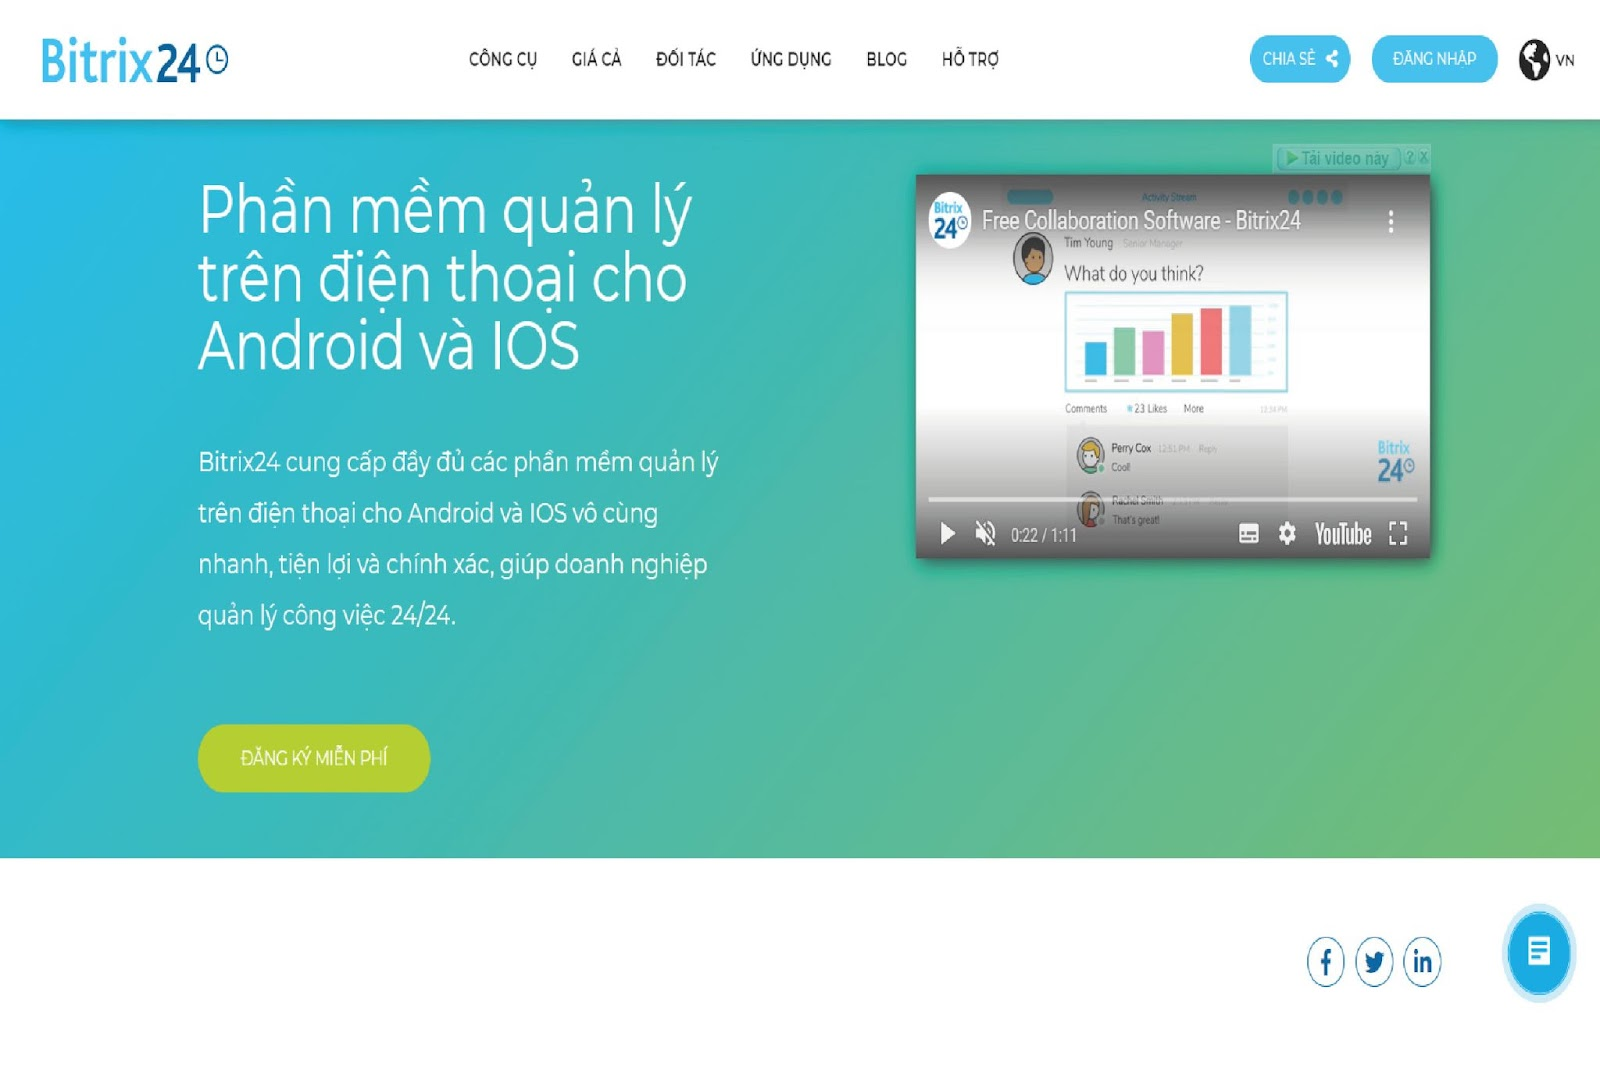 Bitrix24 - App quản lý nhân viên hiệu quả cho doanh nghiệp